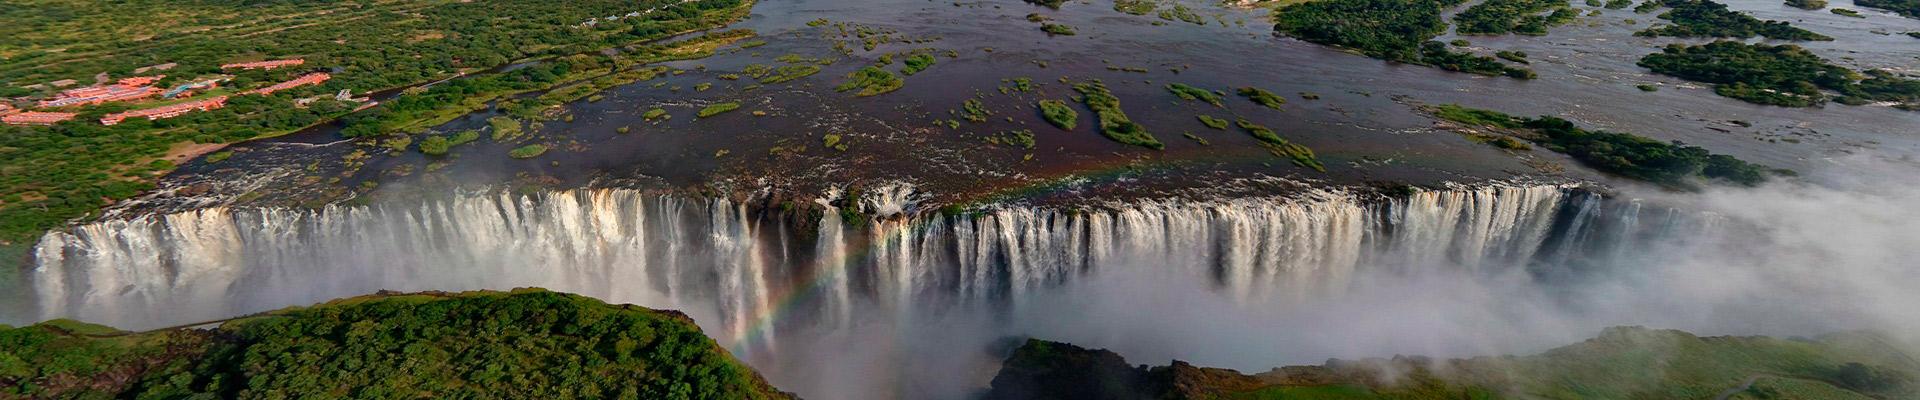 Parque Nacional de Chobe com Cataratas Victoria